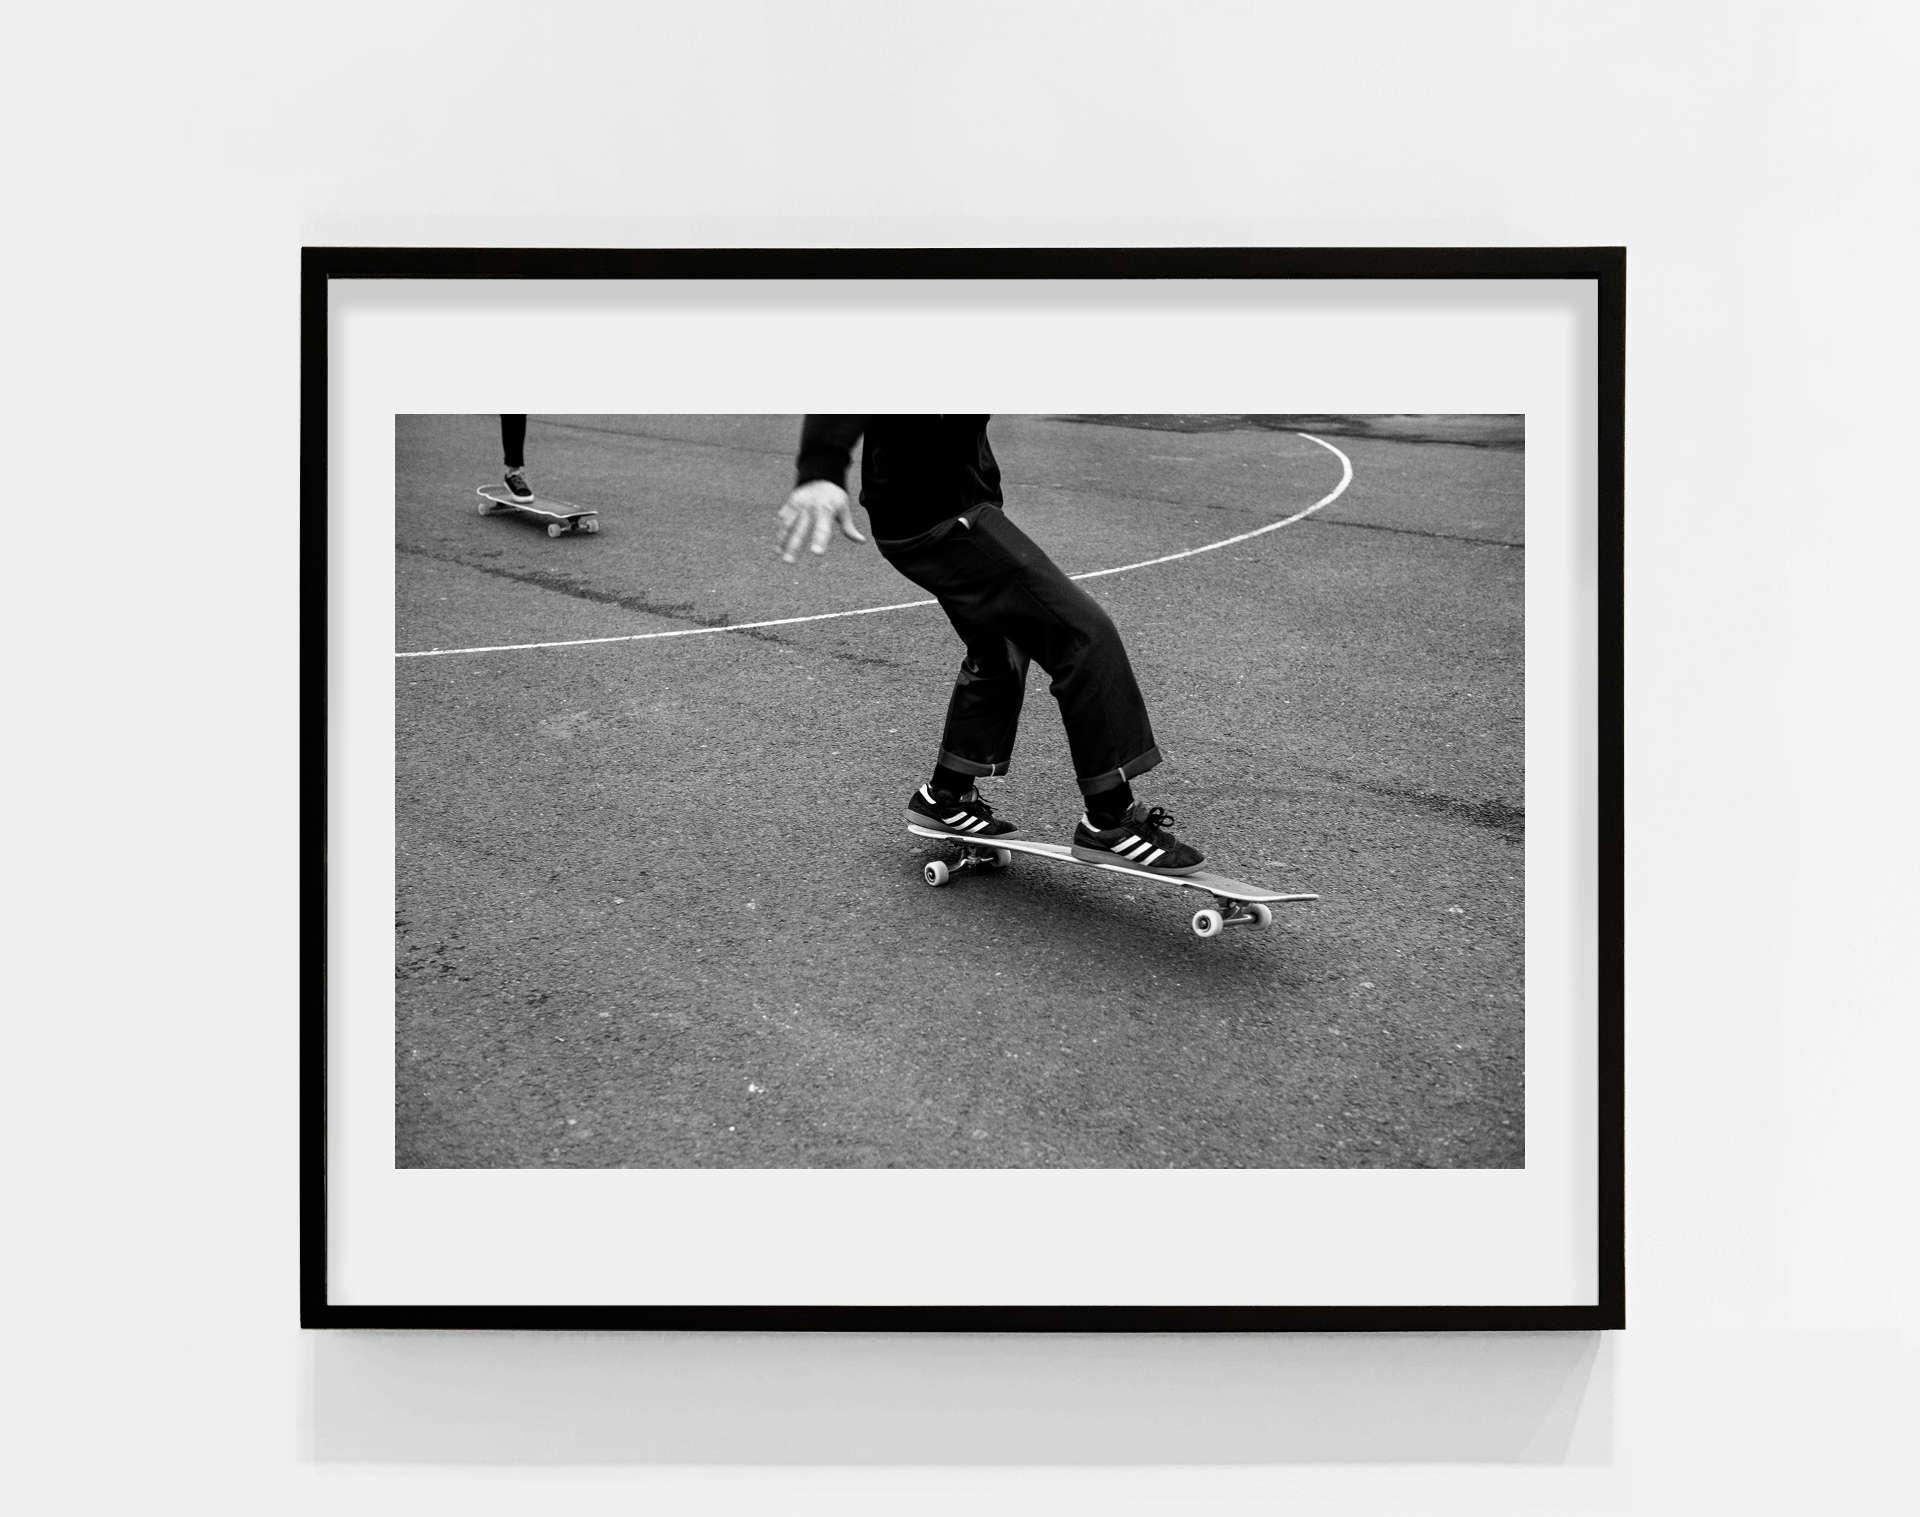 Tirage_Paris- Skater-Quai-de-seine_40x60